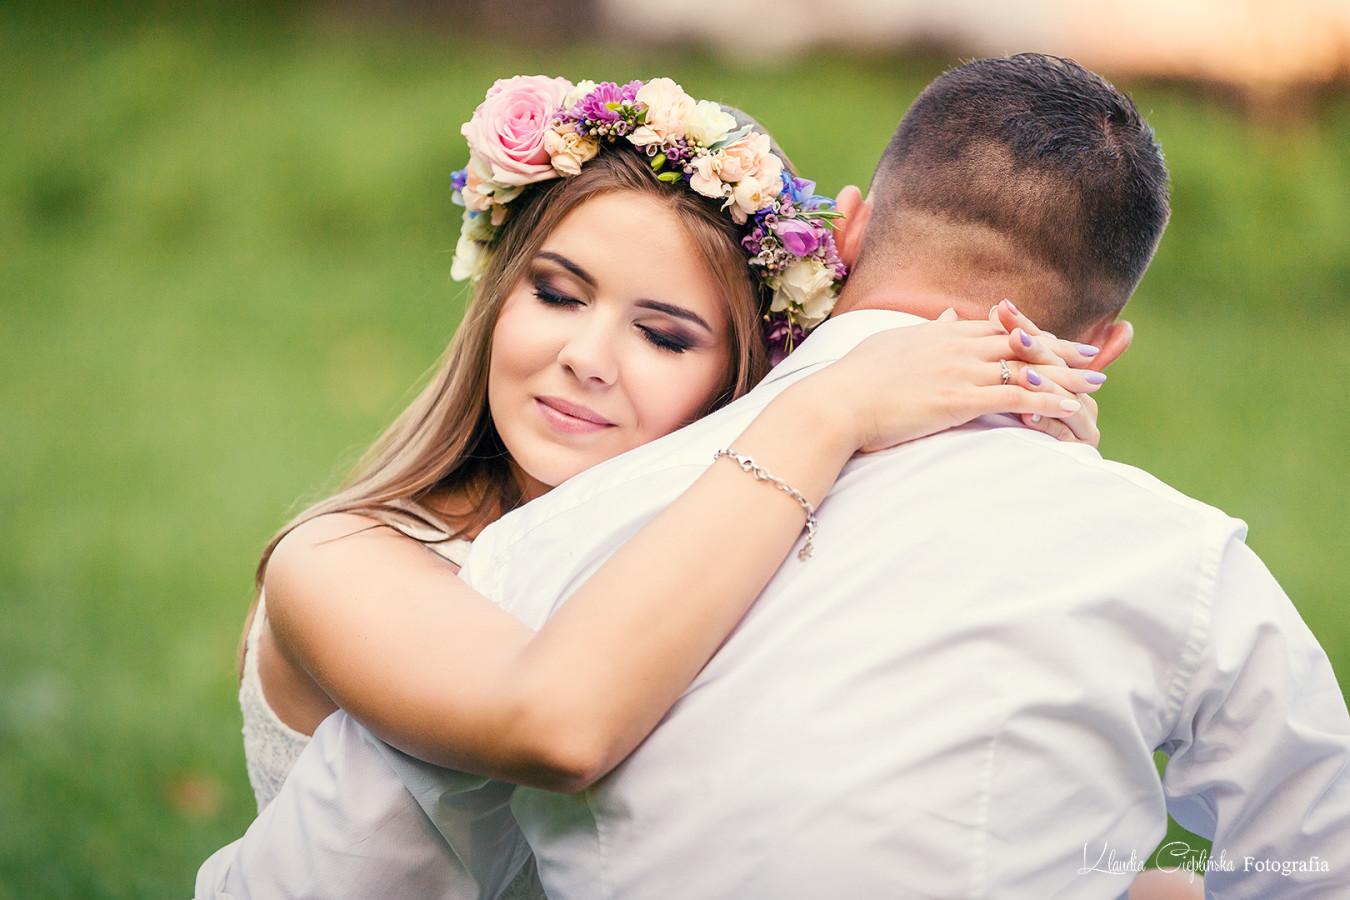 Zdjęcia portretowe, sesja plener w Bukowcu koło Jeleniej Góry. Artystyczna fotografia ślubna, plenerowa.